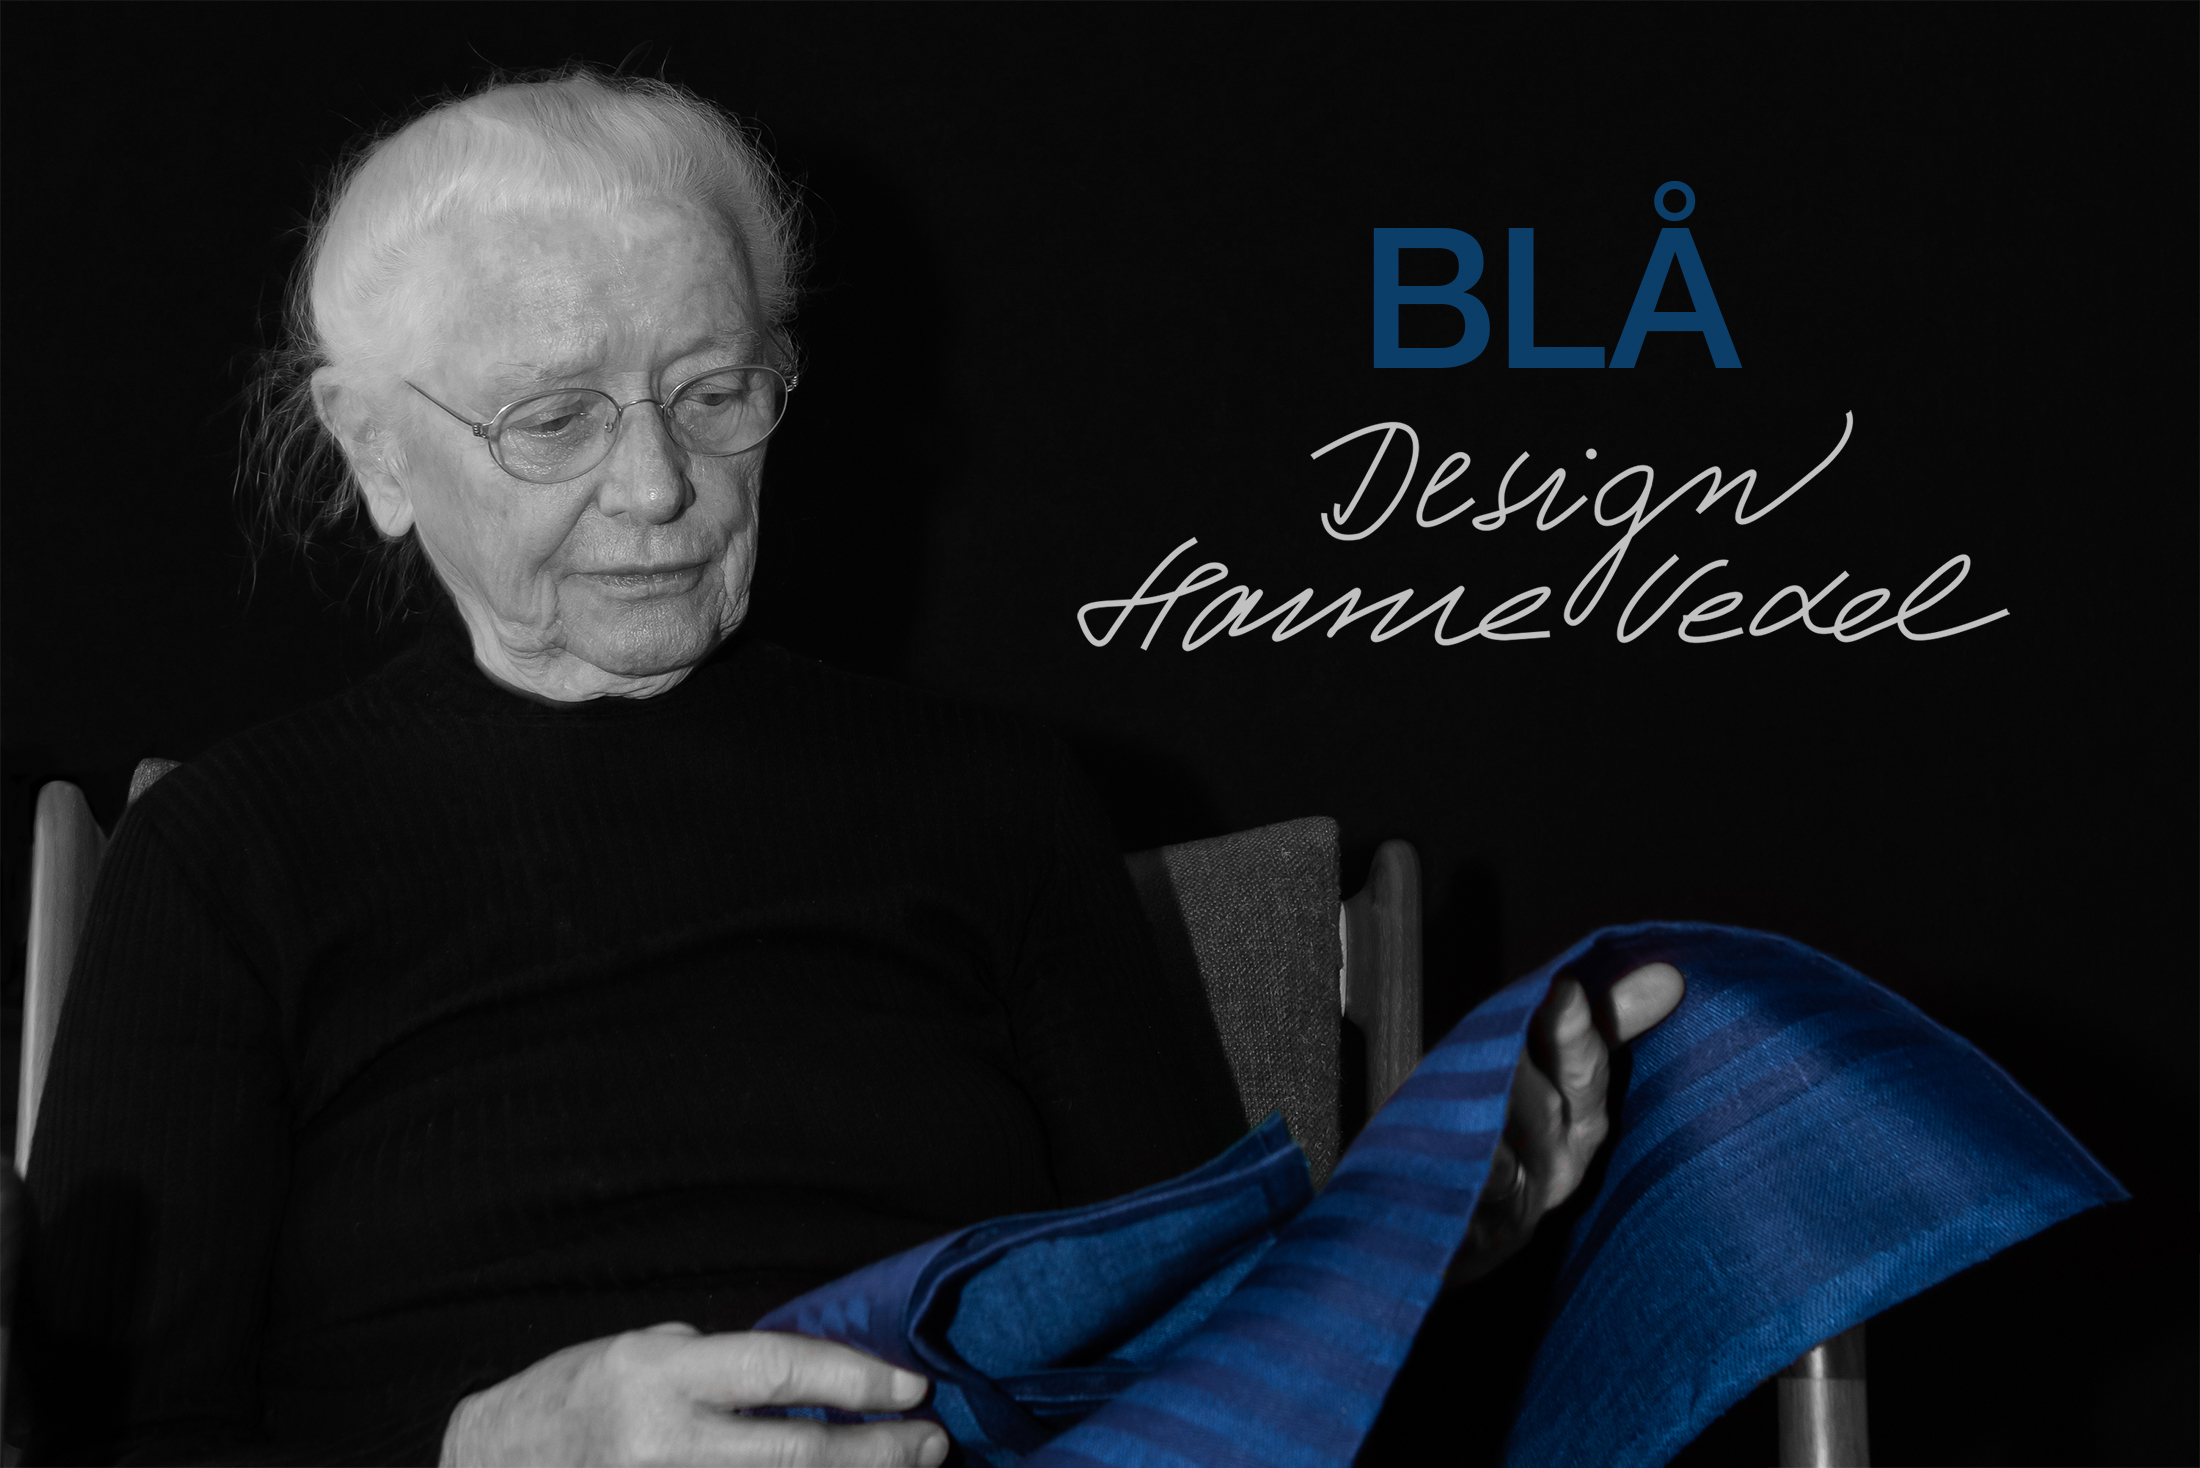 Designer Hanne Vedel och produkten Blå